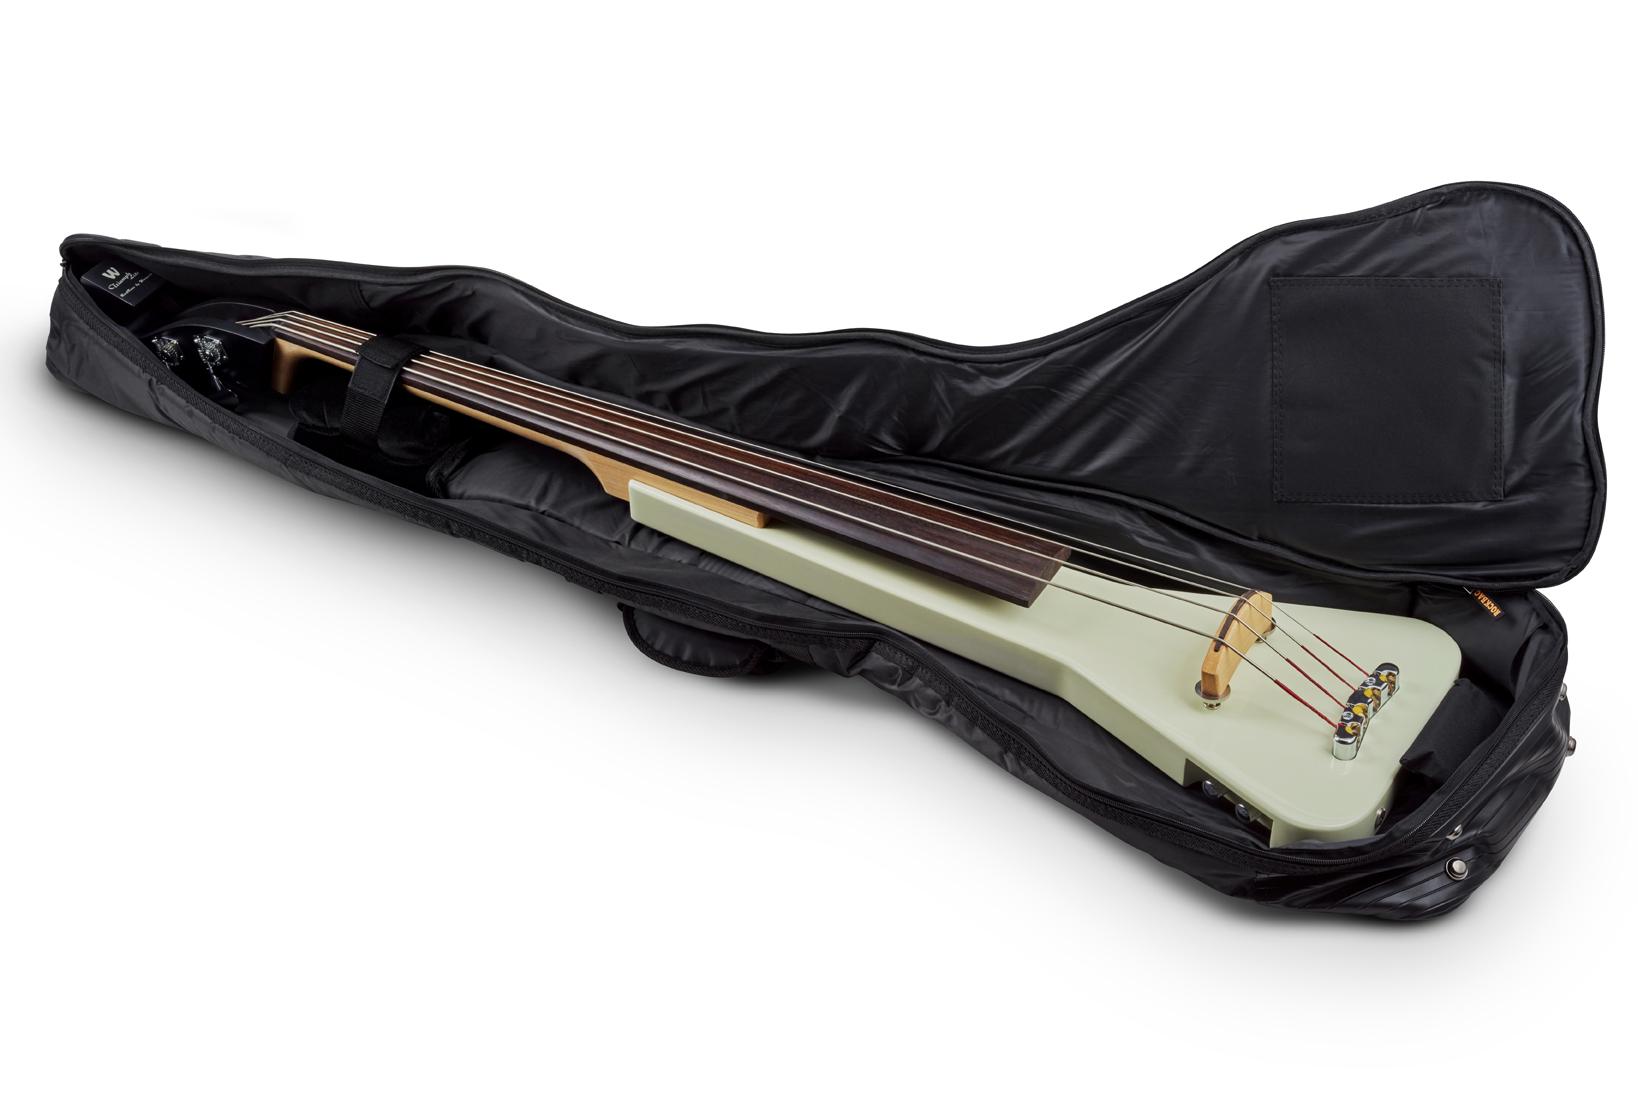 Rockbag RB 20530 B